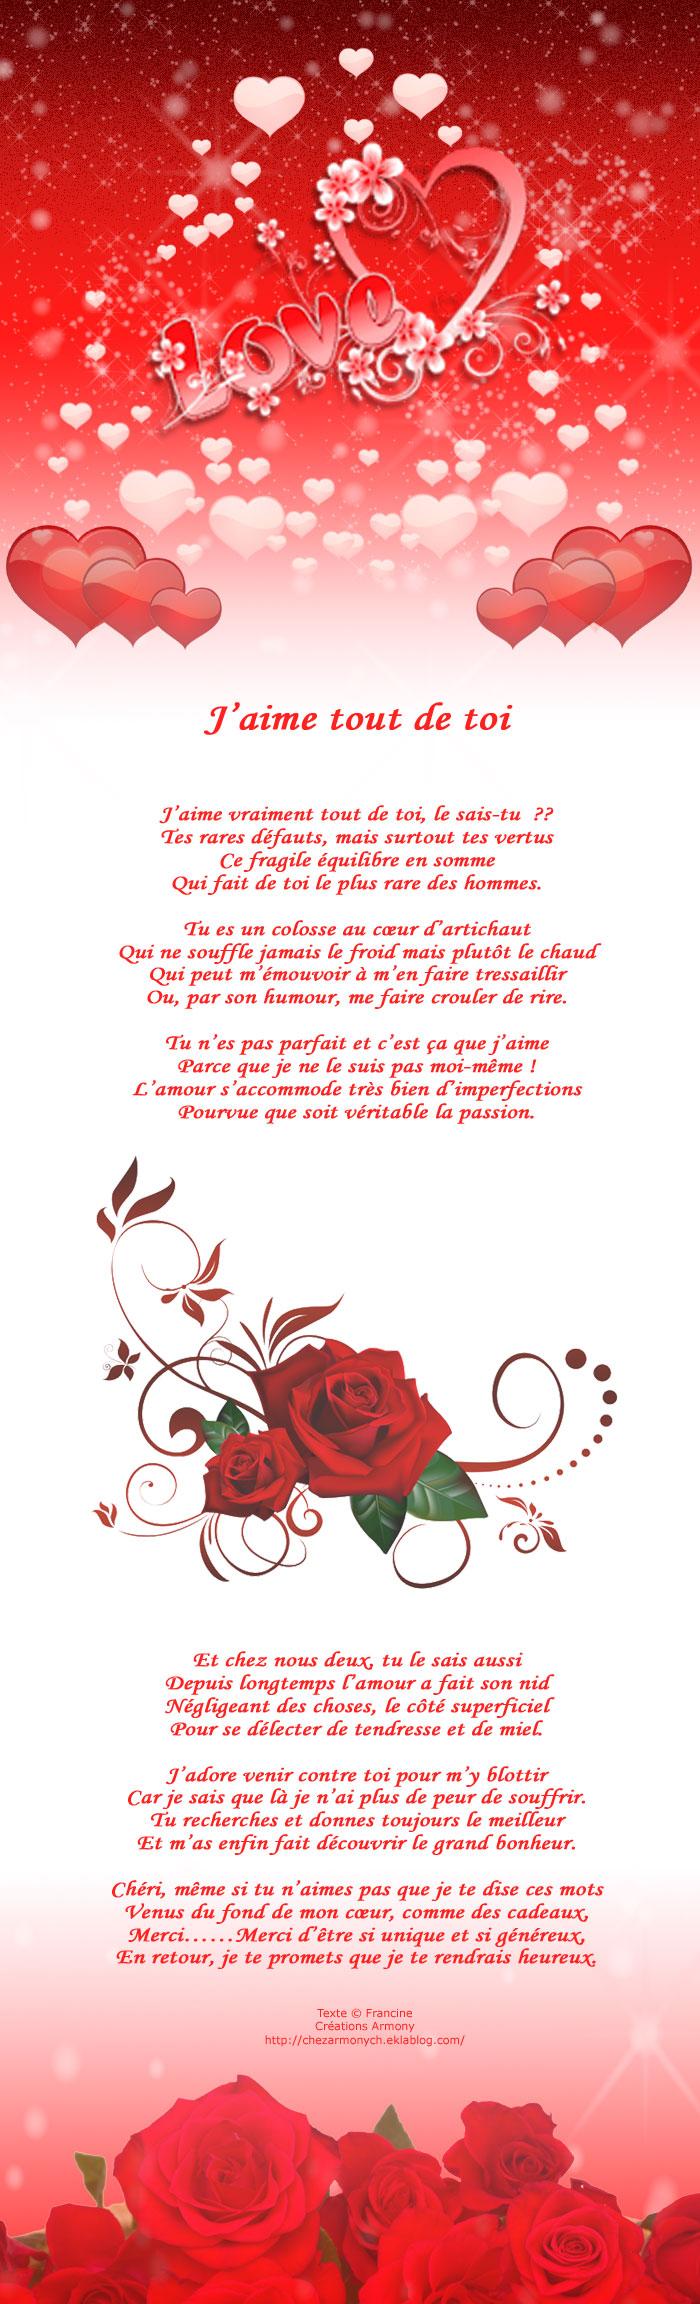 poème st-valentin j'aime tout de toi